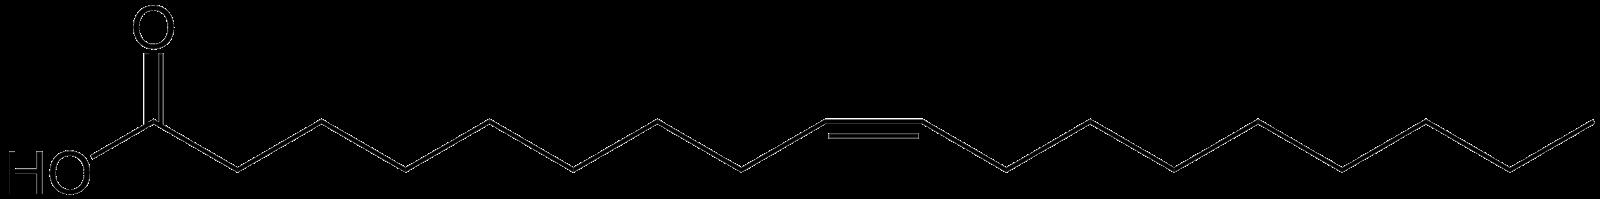 El olivar noticias del aceite de oliva solidificaci n del for Formula quimica del aceite de cocina